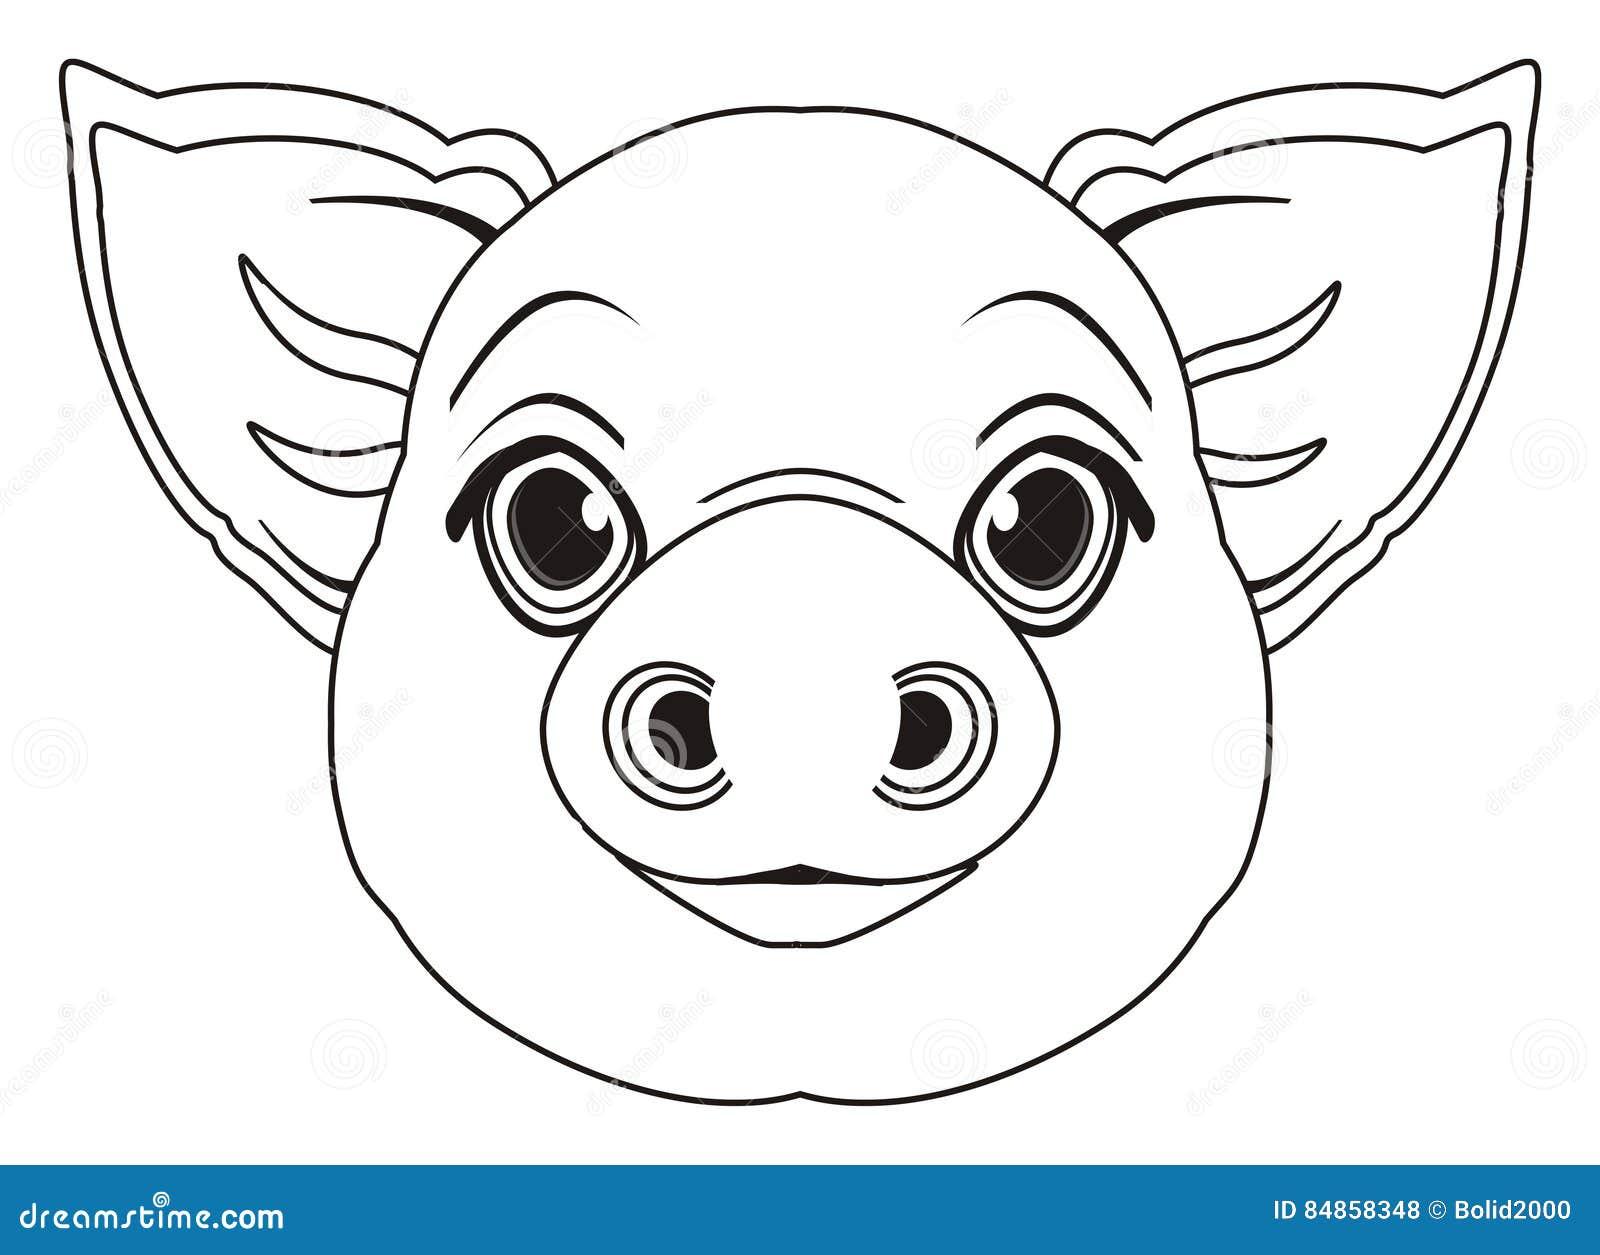 Lujo Páginas Para Colorear De Cerdos Y Lechones Embellecimiento ...